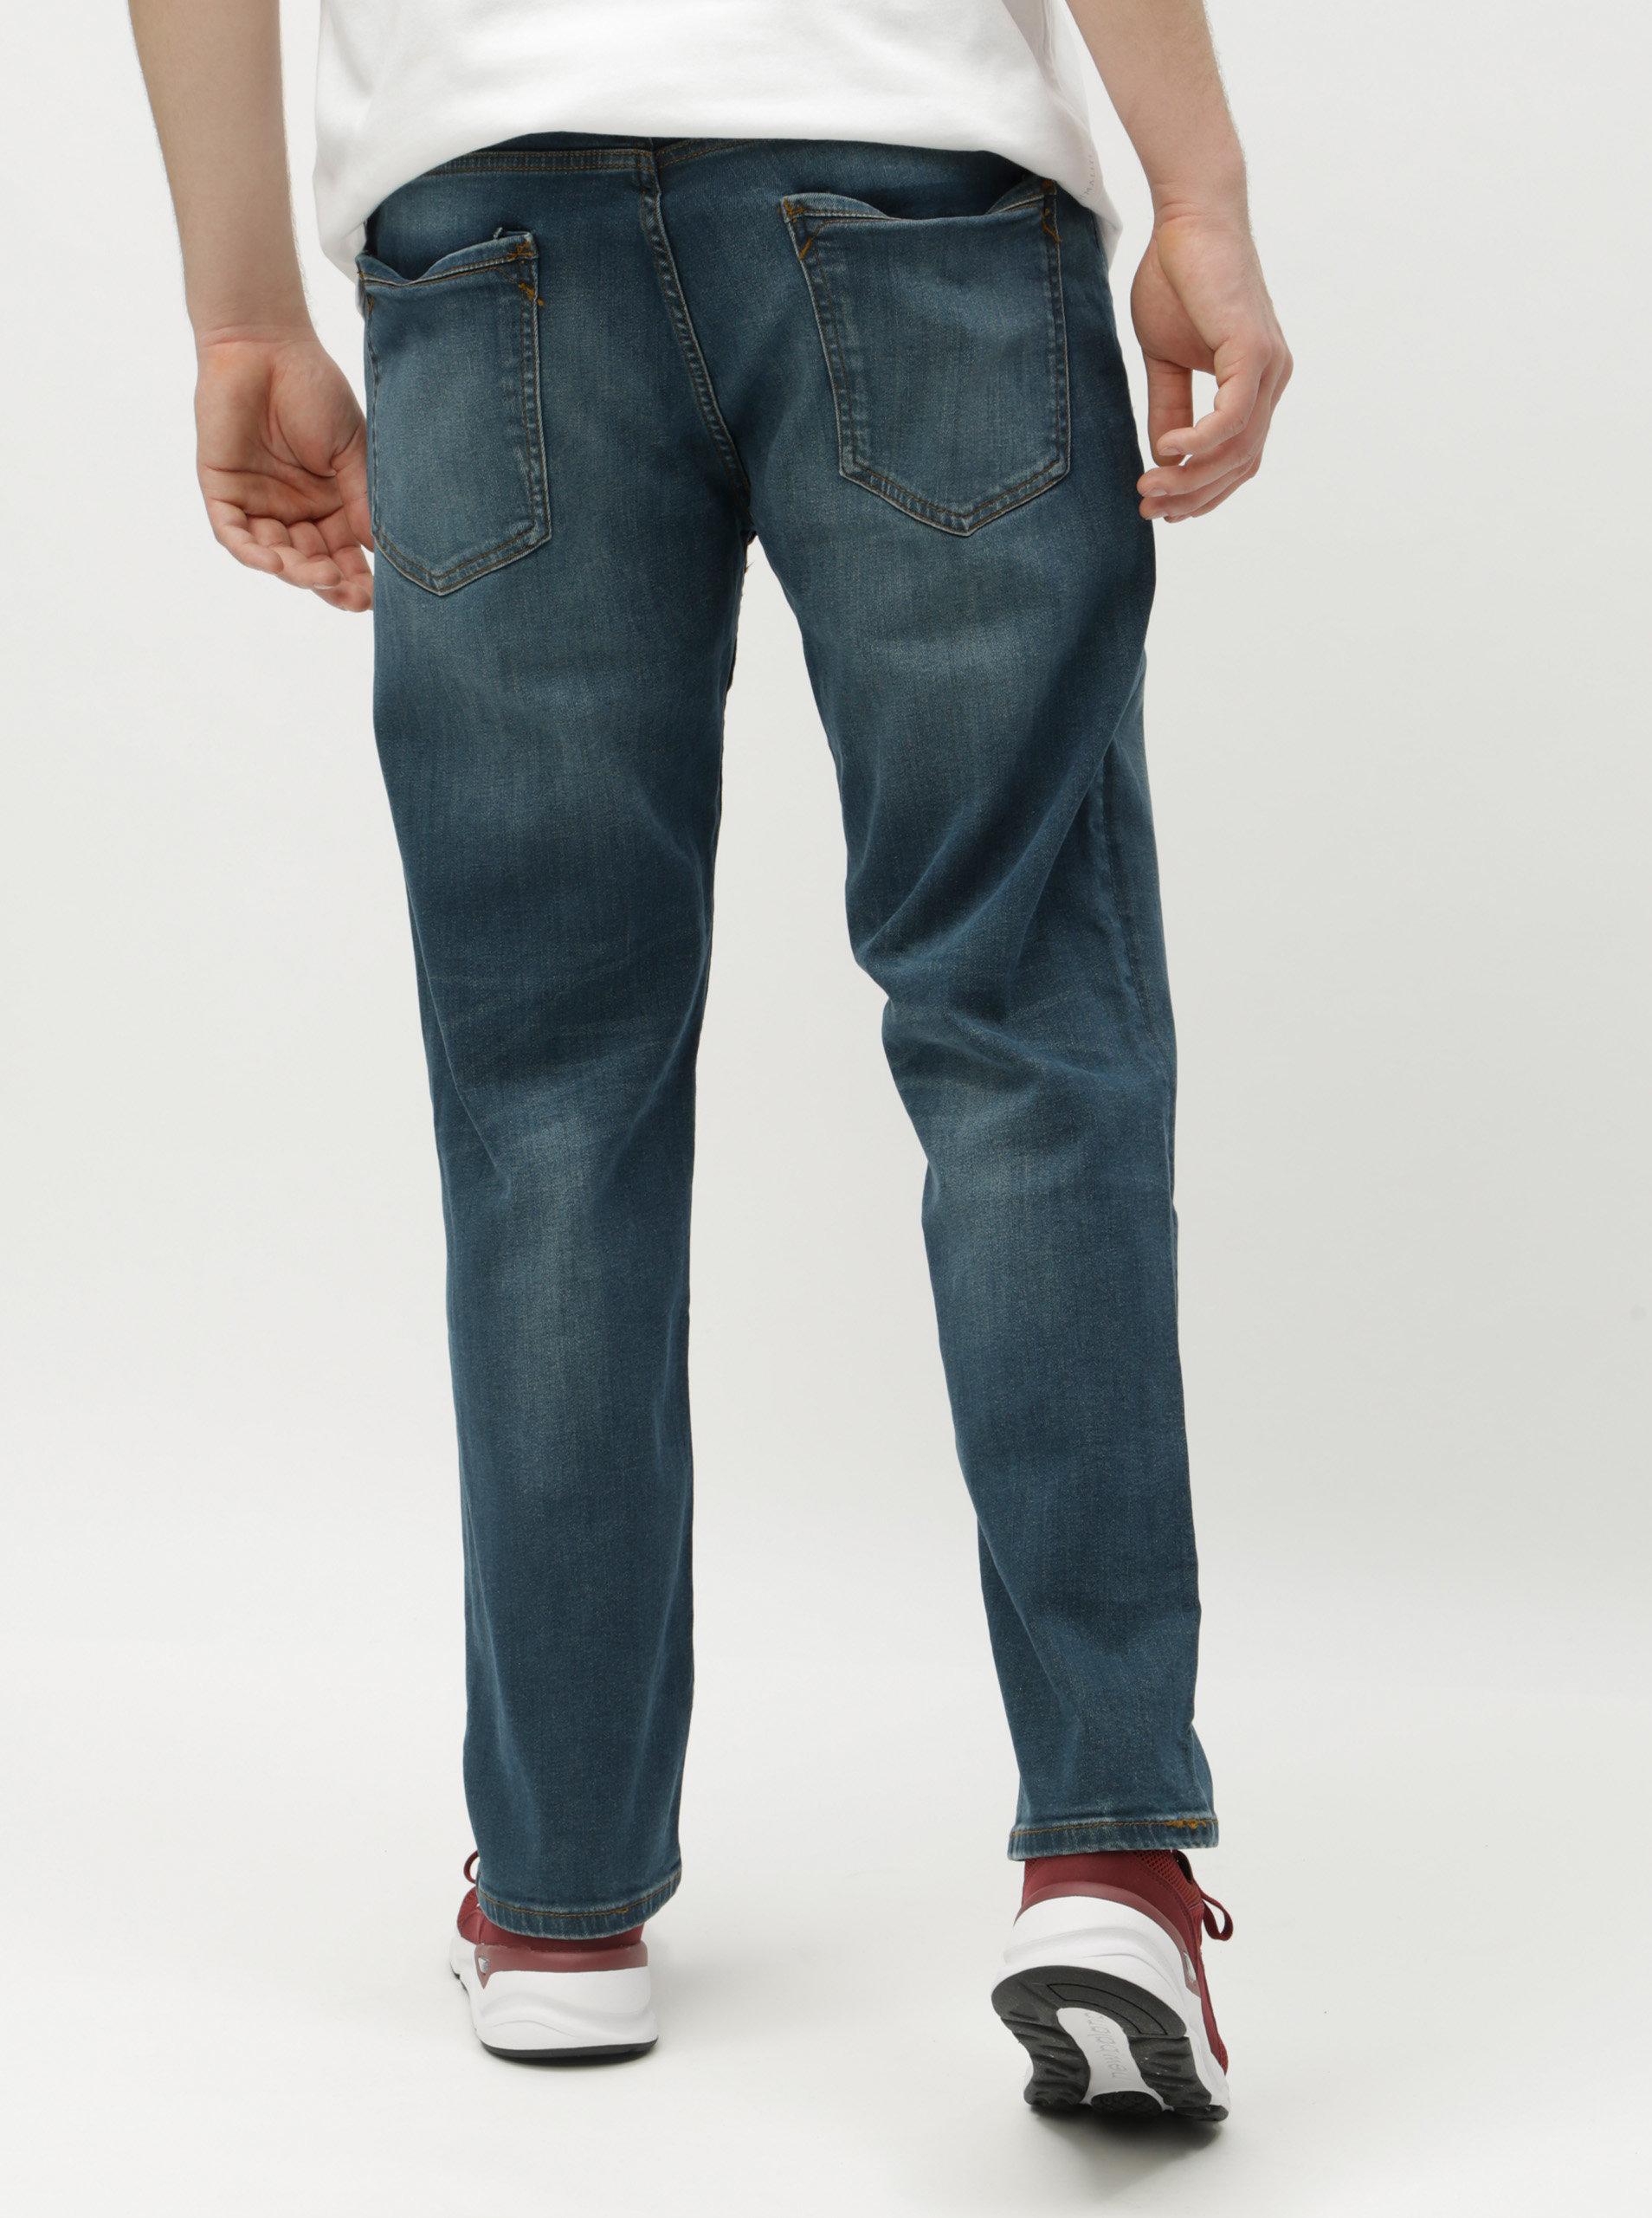 4b2a63b24e5 Modré straight džíny s páskem Burton Menswear London ...